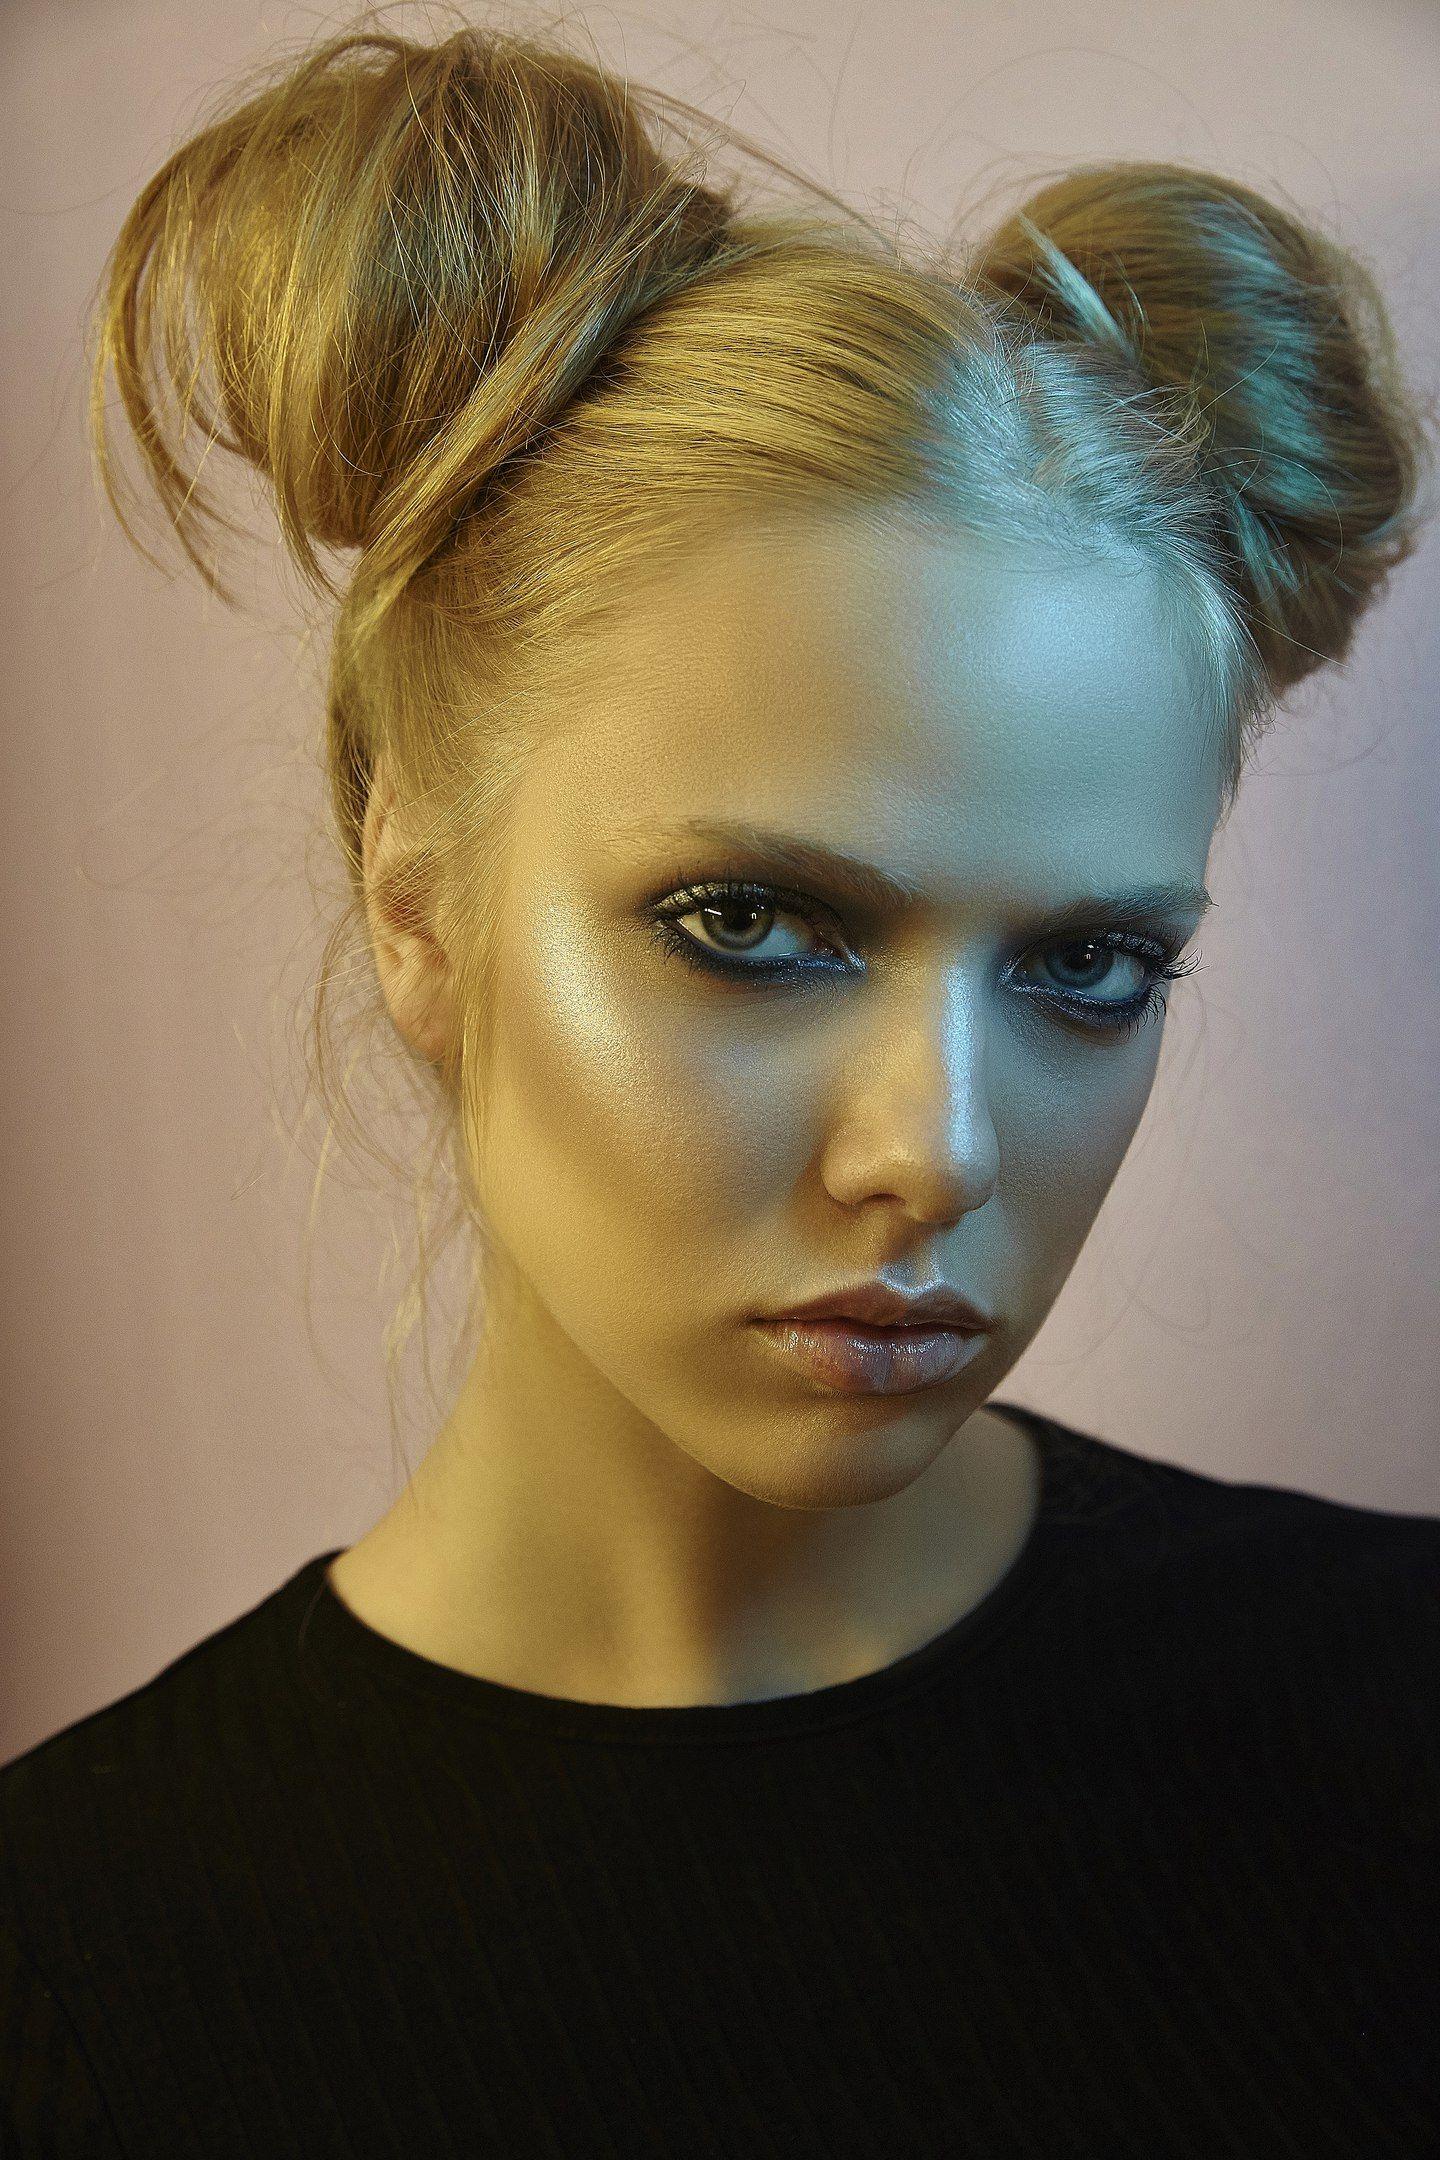 portrait girl model портрет девушка модель, Dancho